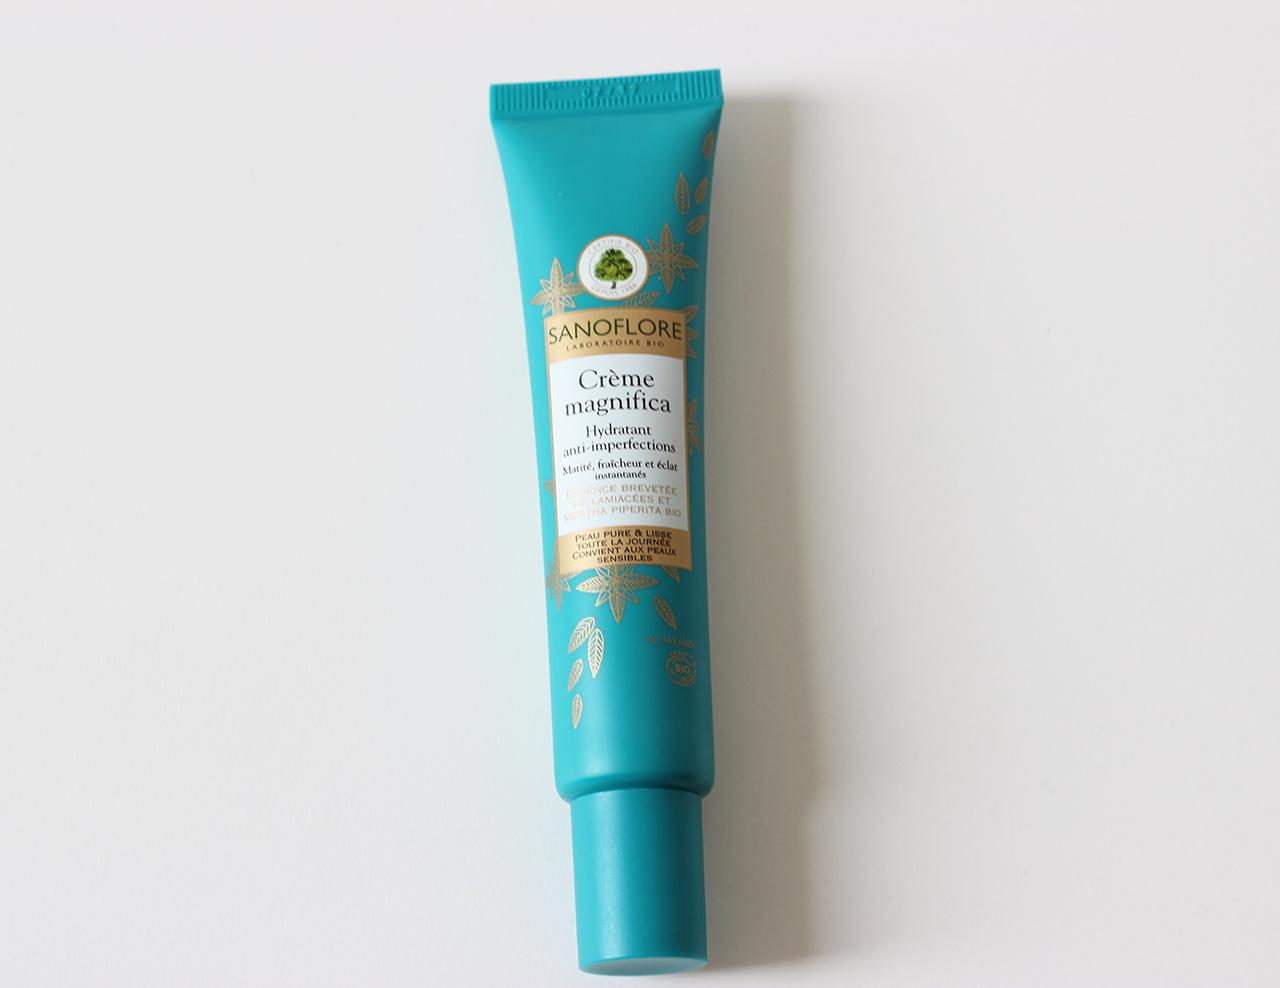 Creme Sanoflore Aqua Magnifica